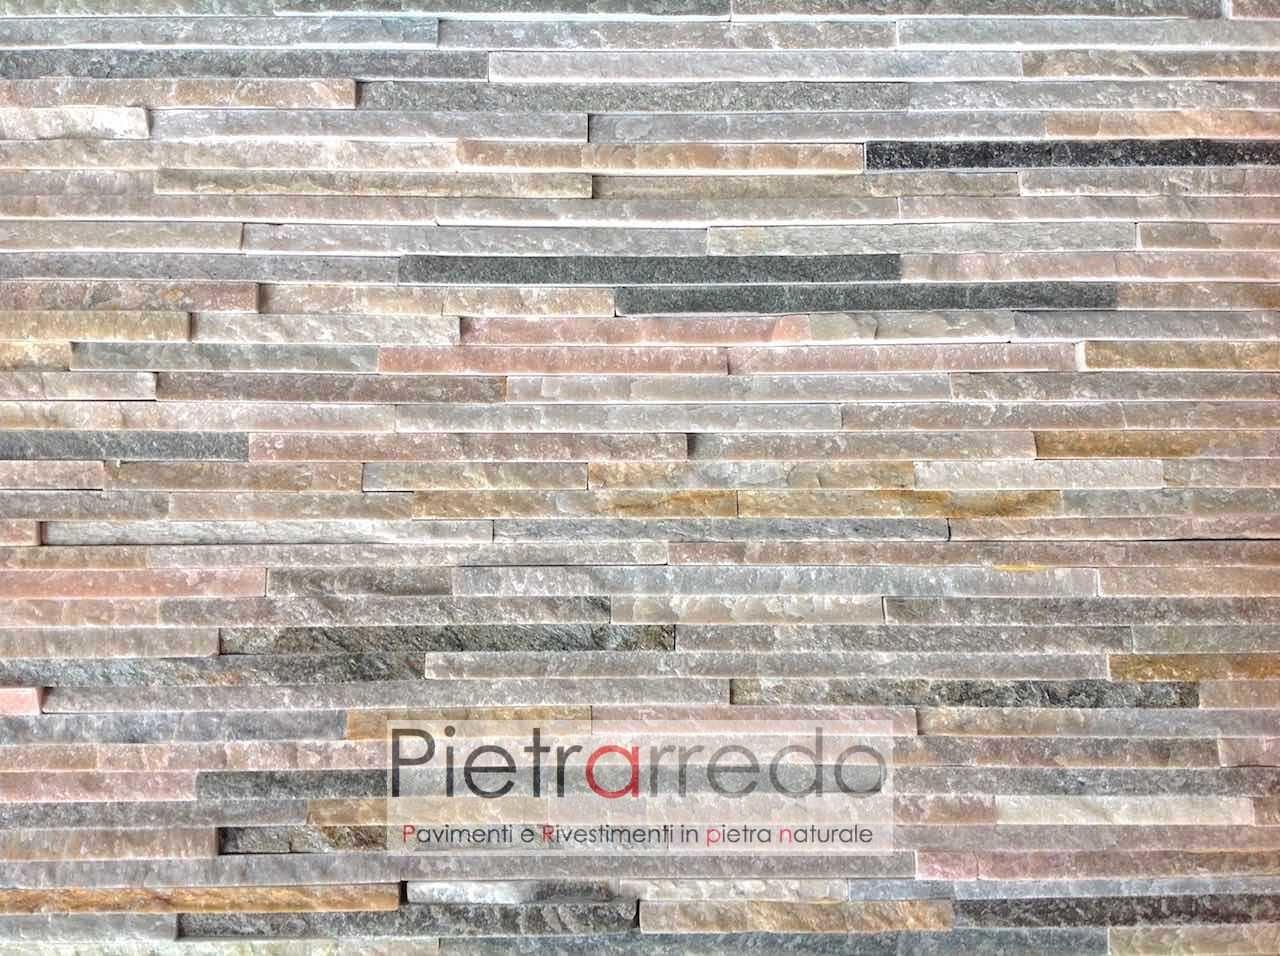 Rivestimento pietra quarzite mista slim 50 costo 62 mq for Placchette decorative bricoman